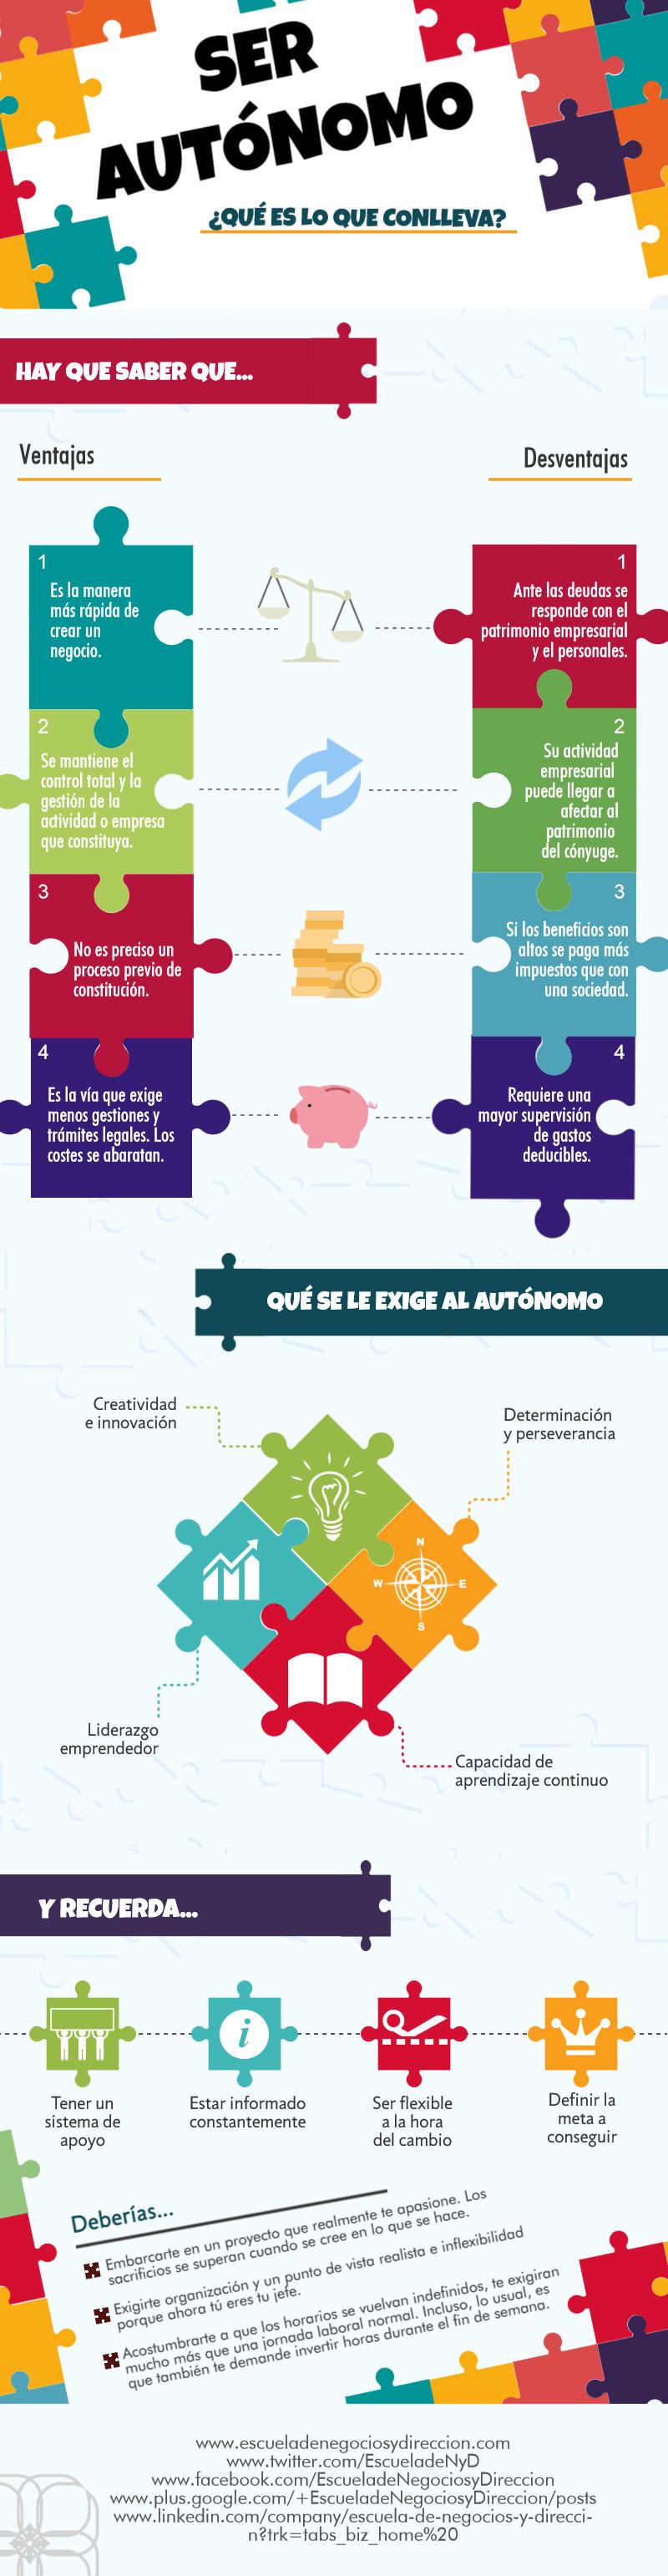 Ser autónomo: infografía sobre las ventajas y desventajas